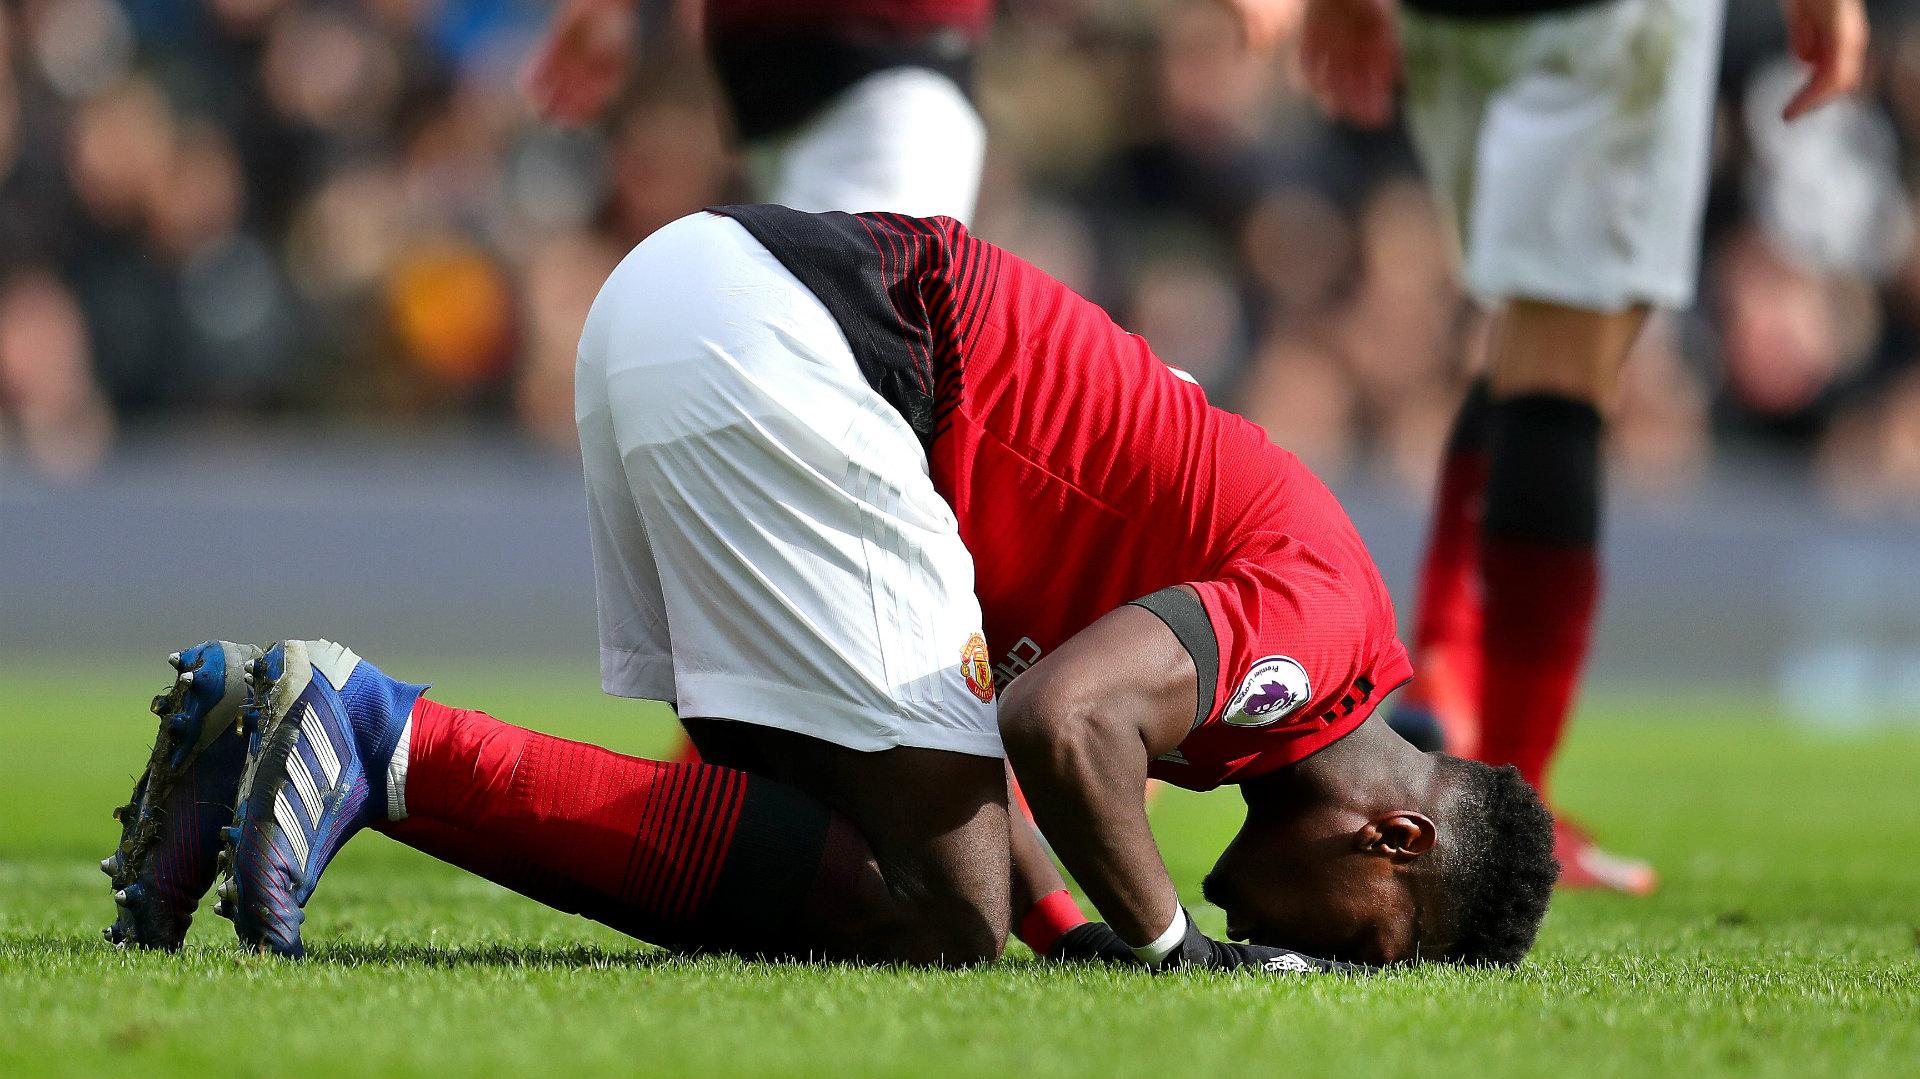 Fulham Vs Man Utd: Paul Pogba News: Man Utd Midfielder Enjoying Best Ever